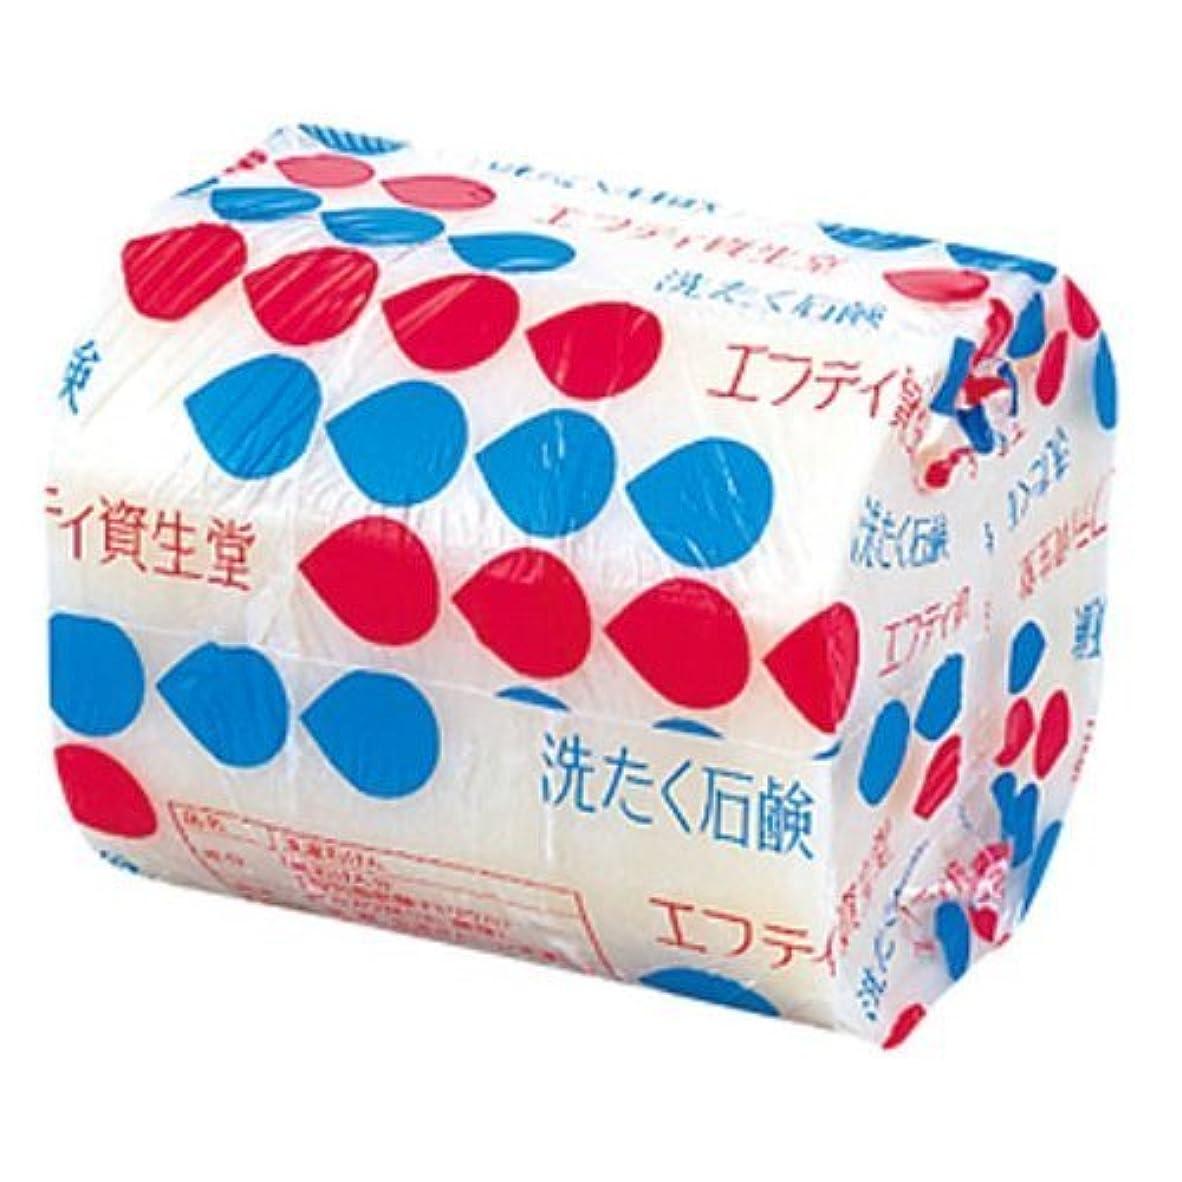 ヒューム気候半ば【資生堂】エフティ資生堂洗たく石鹸花椿型3コパック200g